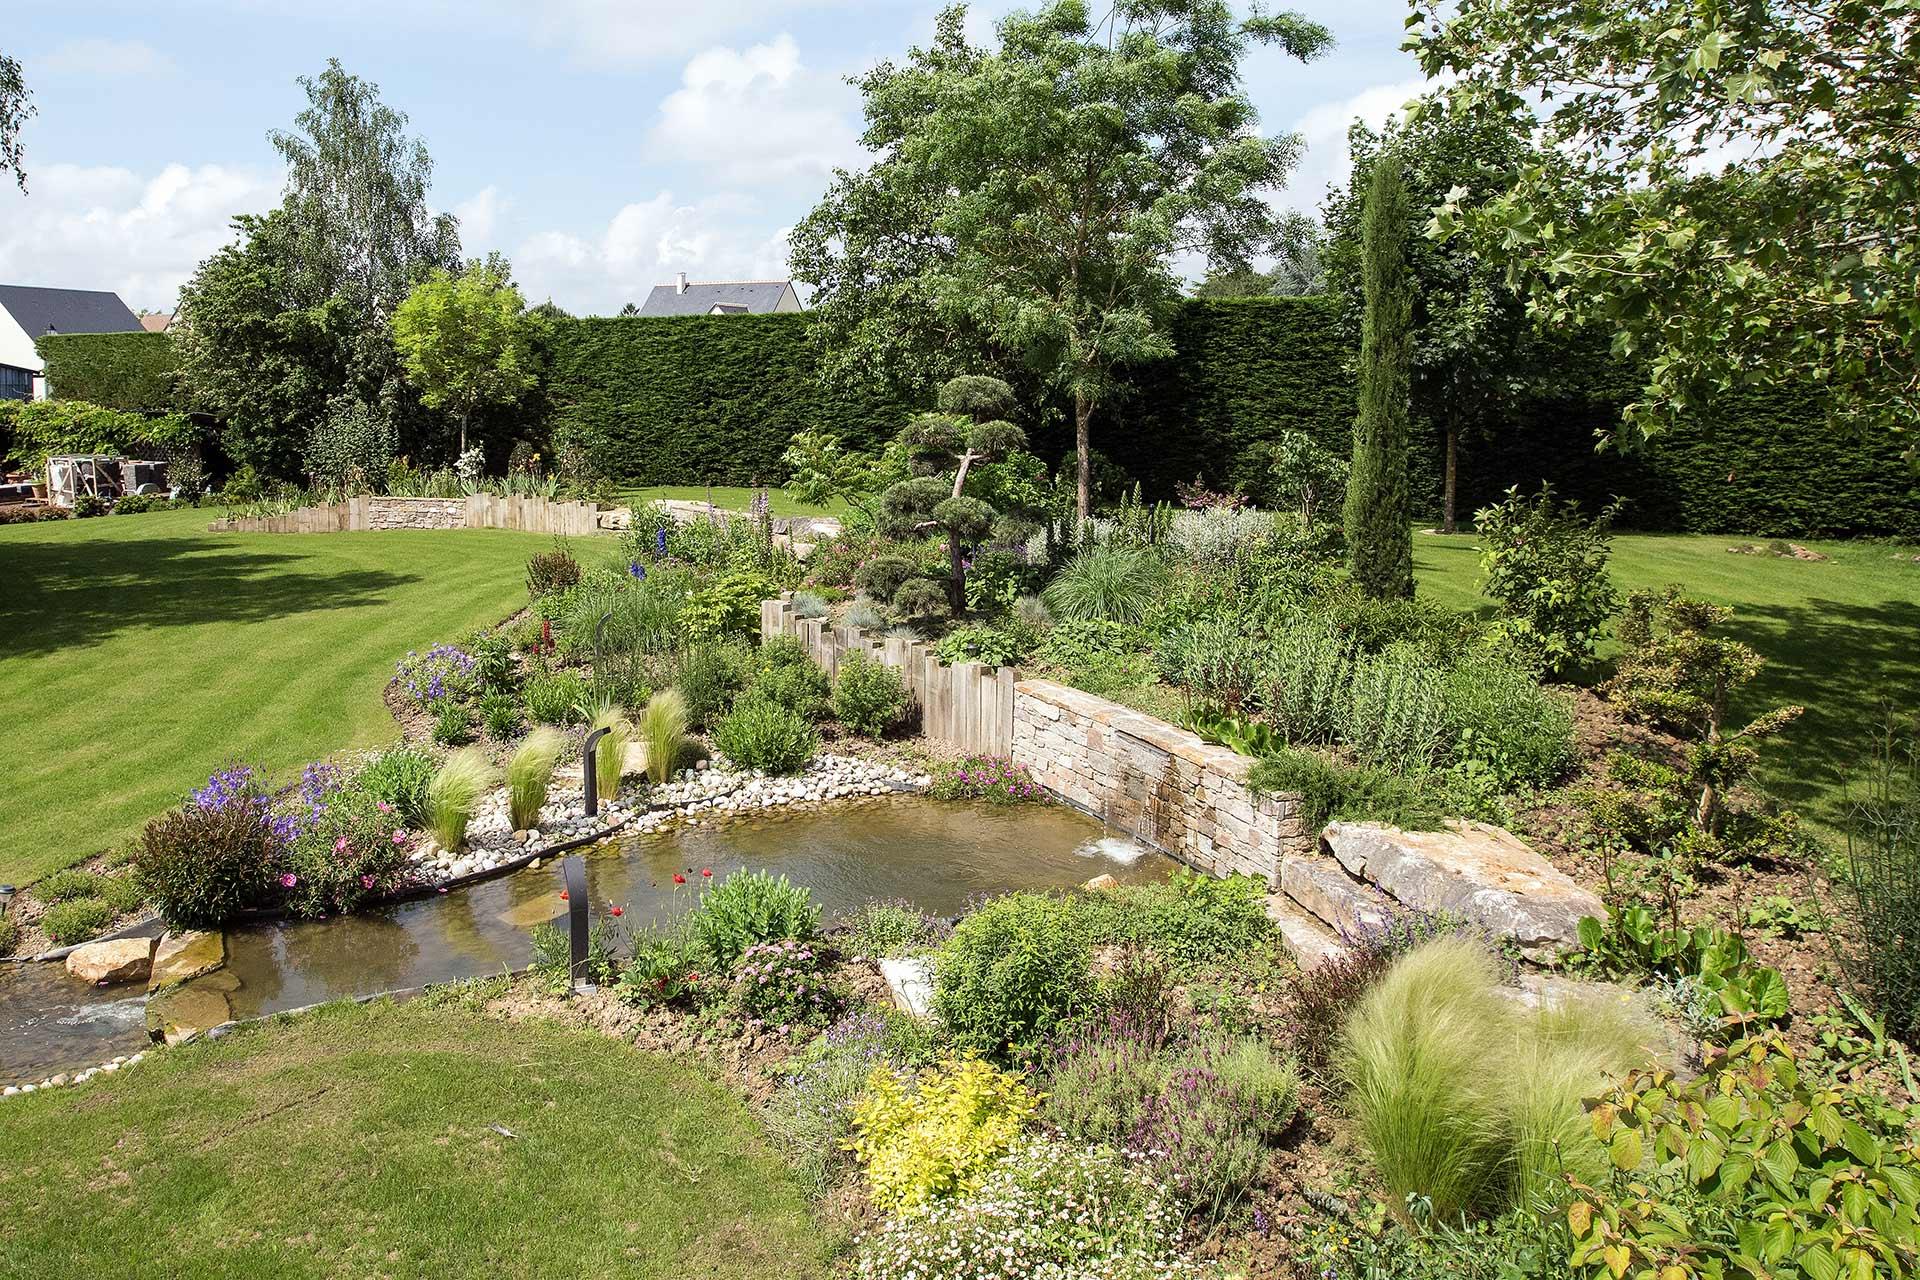 Si vous cherchez un paysagiste pour aménager votre jardin, Serrault Jardins vous conseille sur vos projets de jardin.